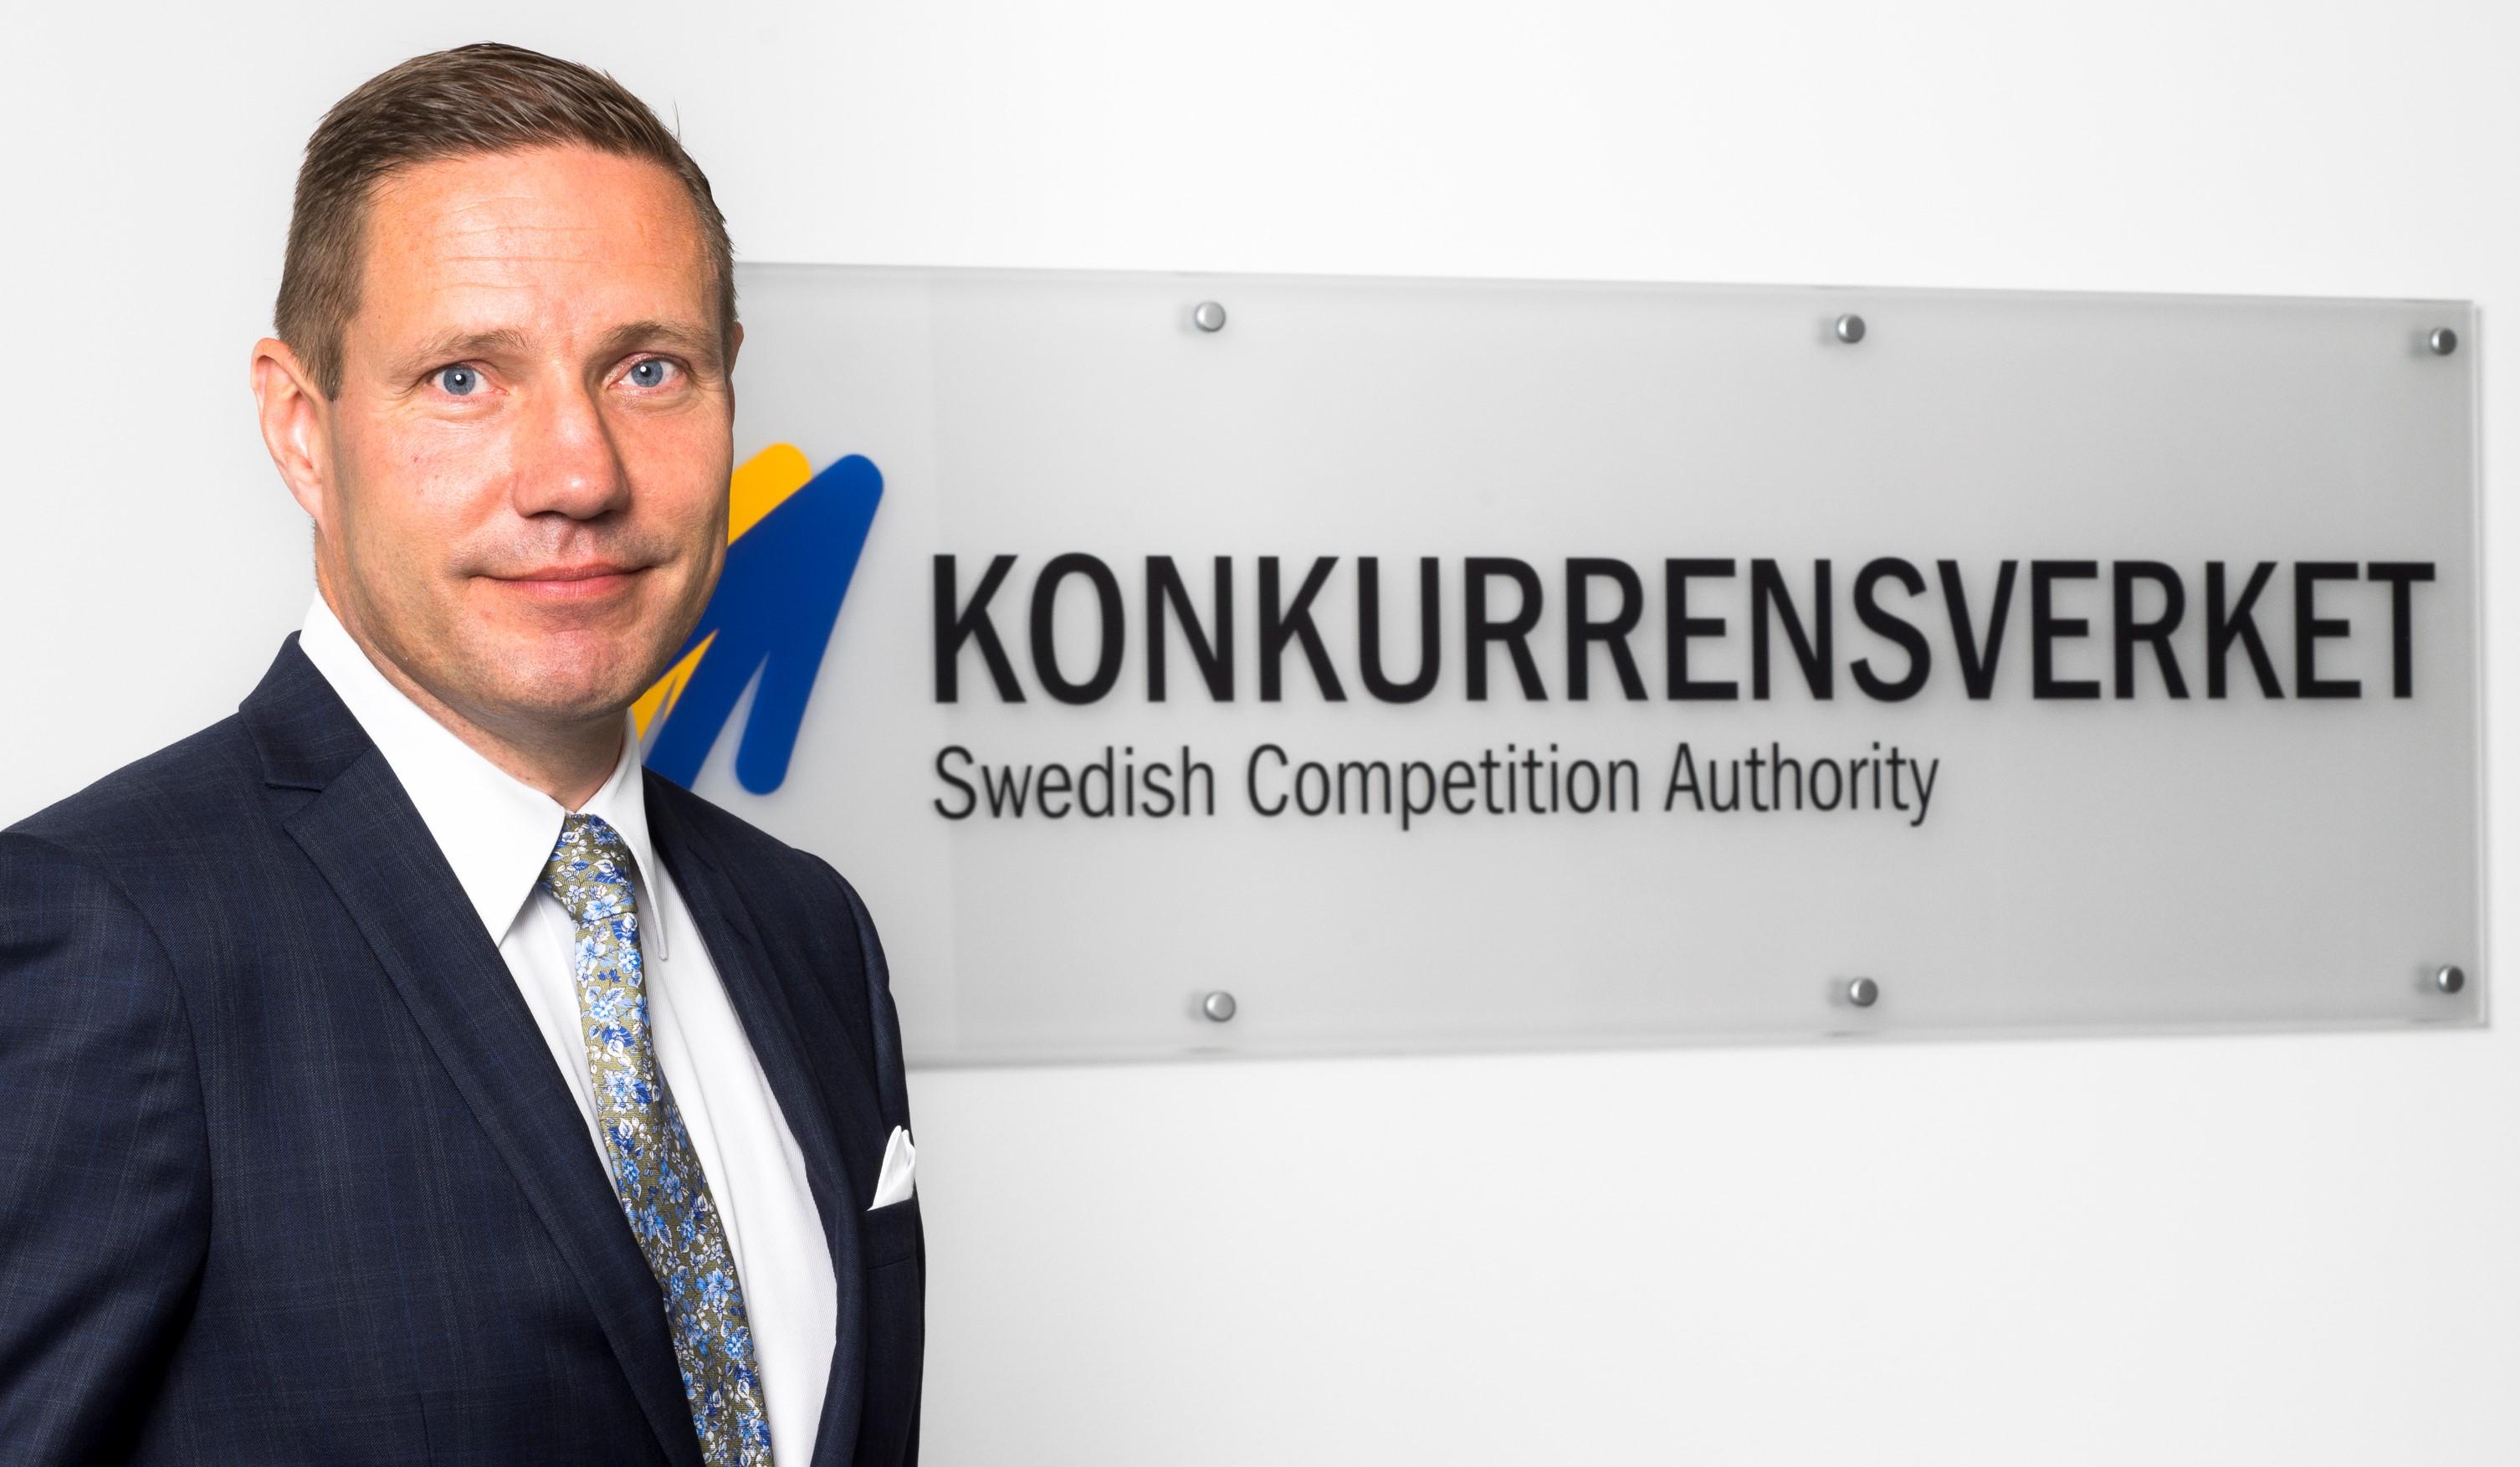 Anbud365: Tegn til korrupsjon i opptil 10% av svenske anskaffelser